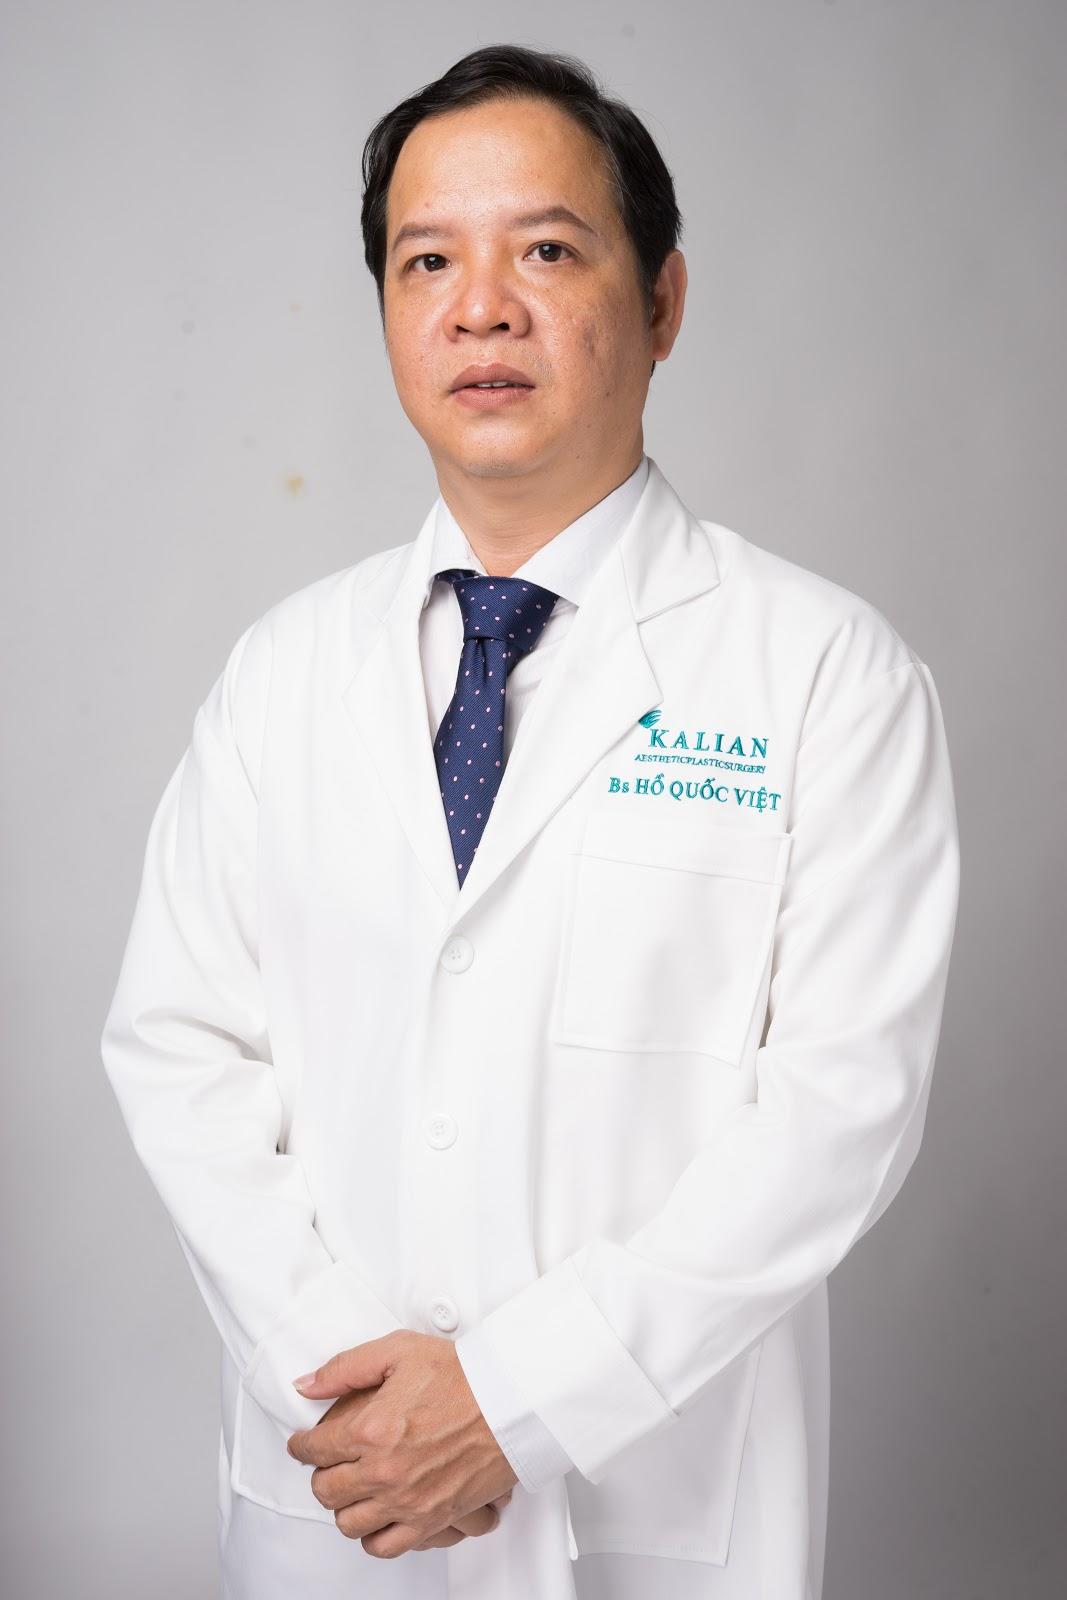 bác sĩ CKI Hồ Quốc Việt